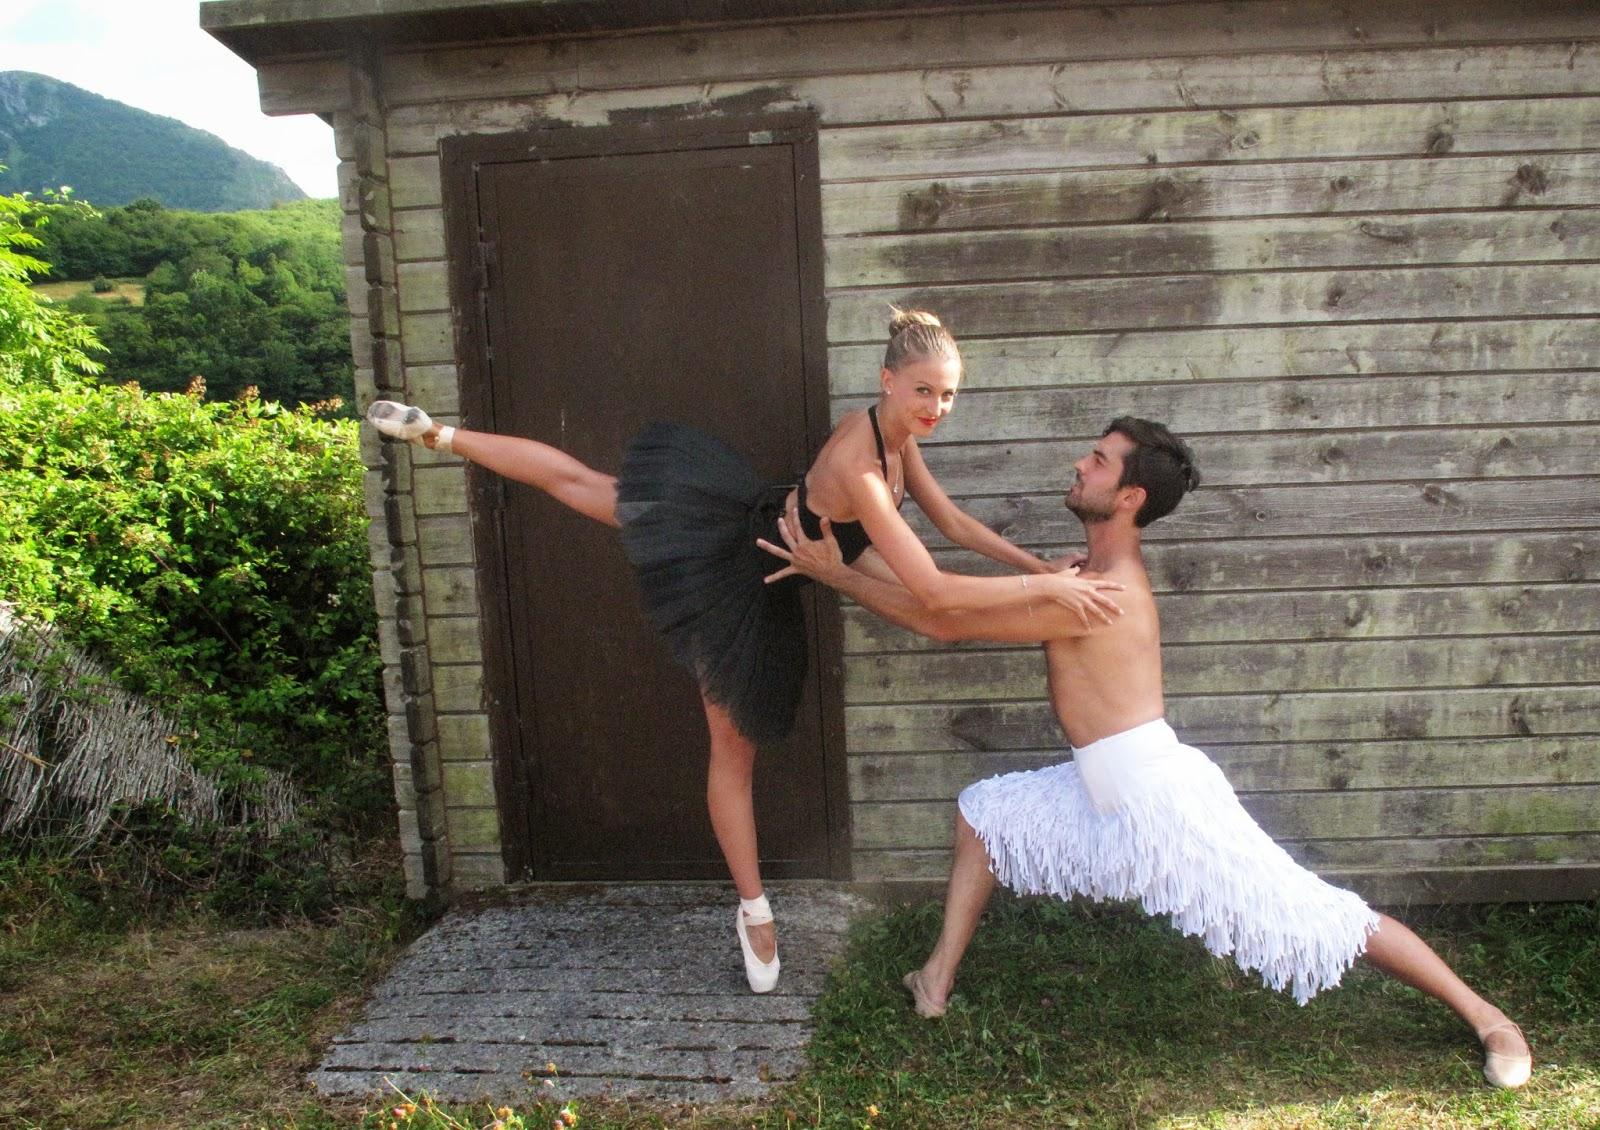 Country ballerinas